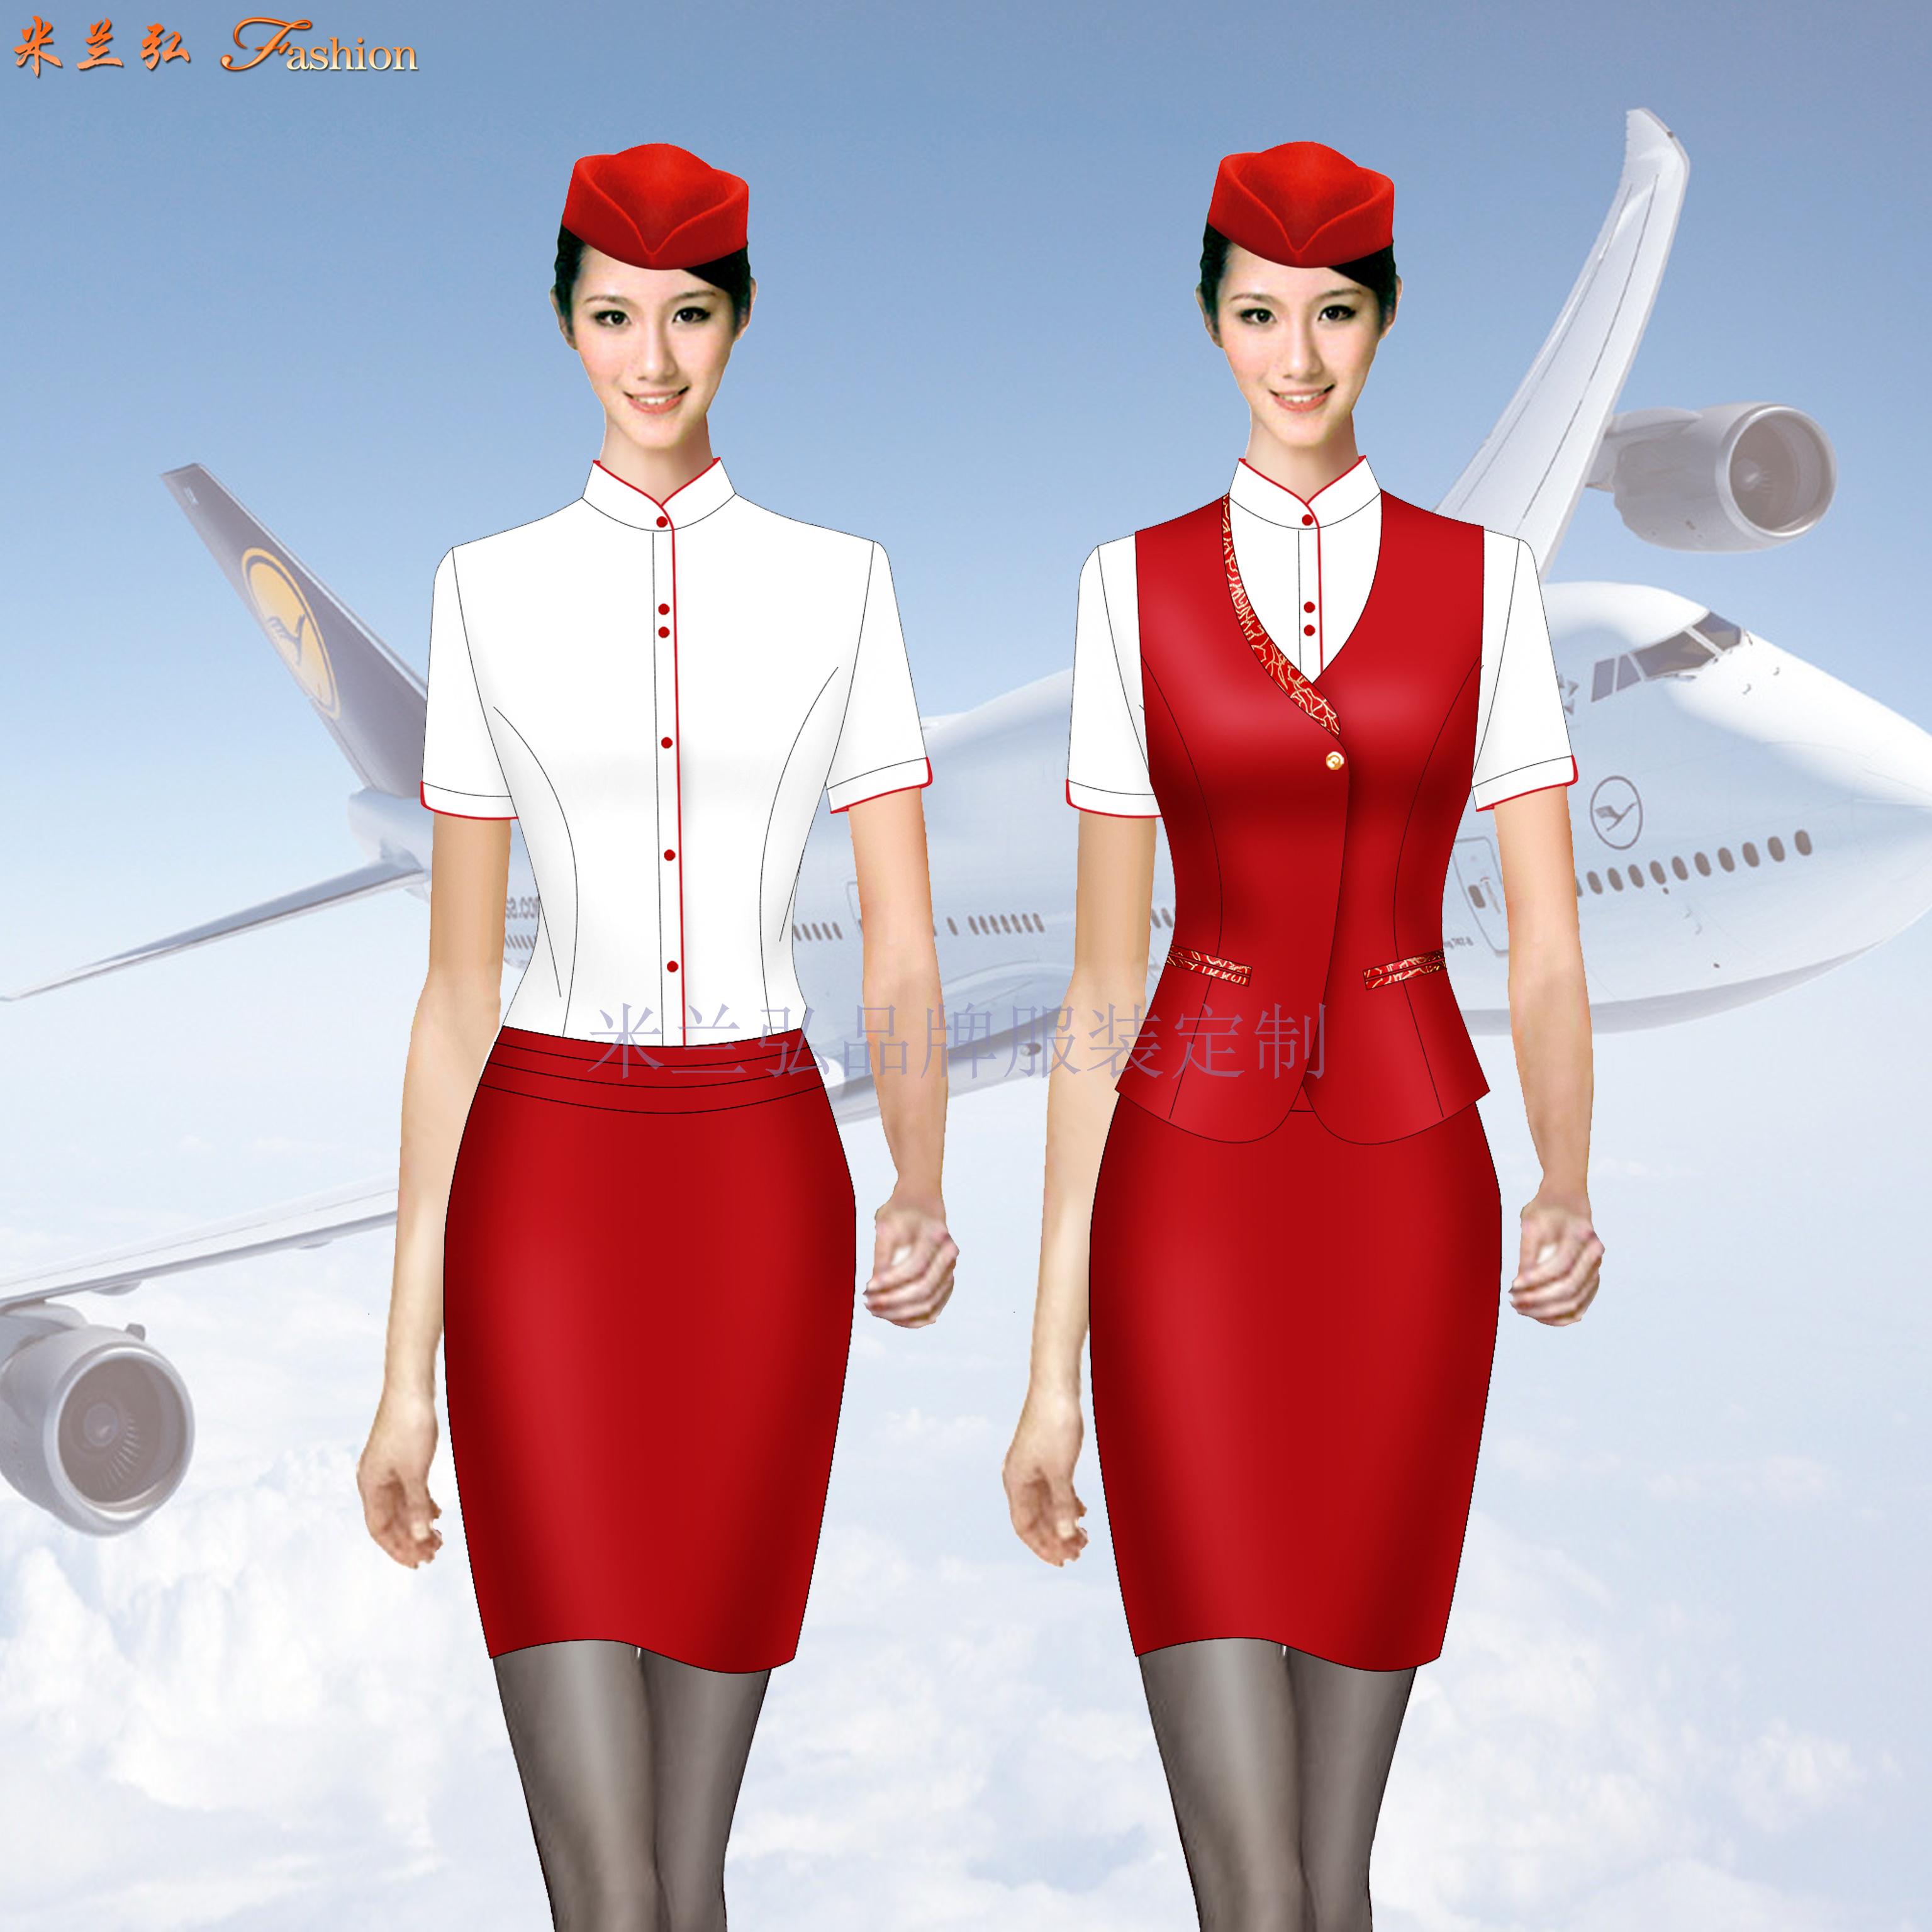 空姐服裝短袖夏裝圖片_空姐服裝夏季套裝定做-米蘭弘廠家-2